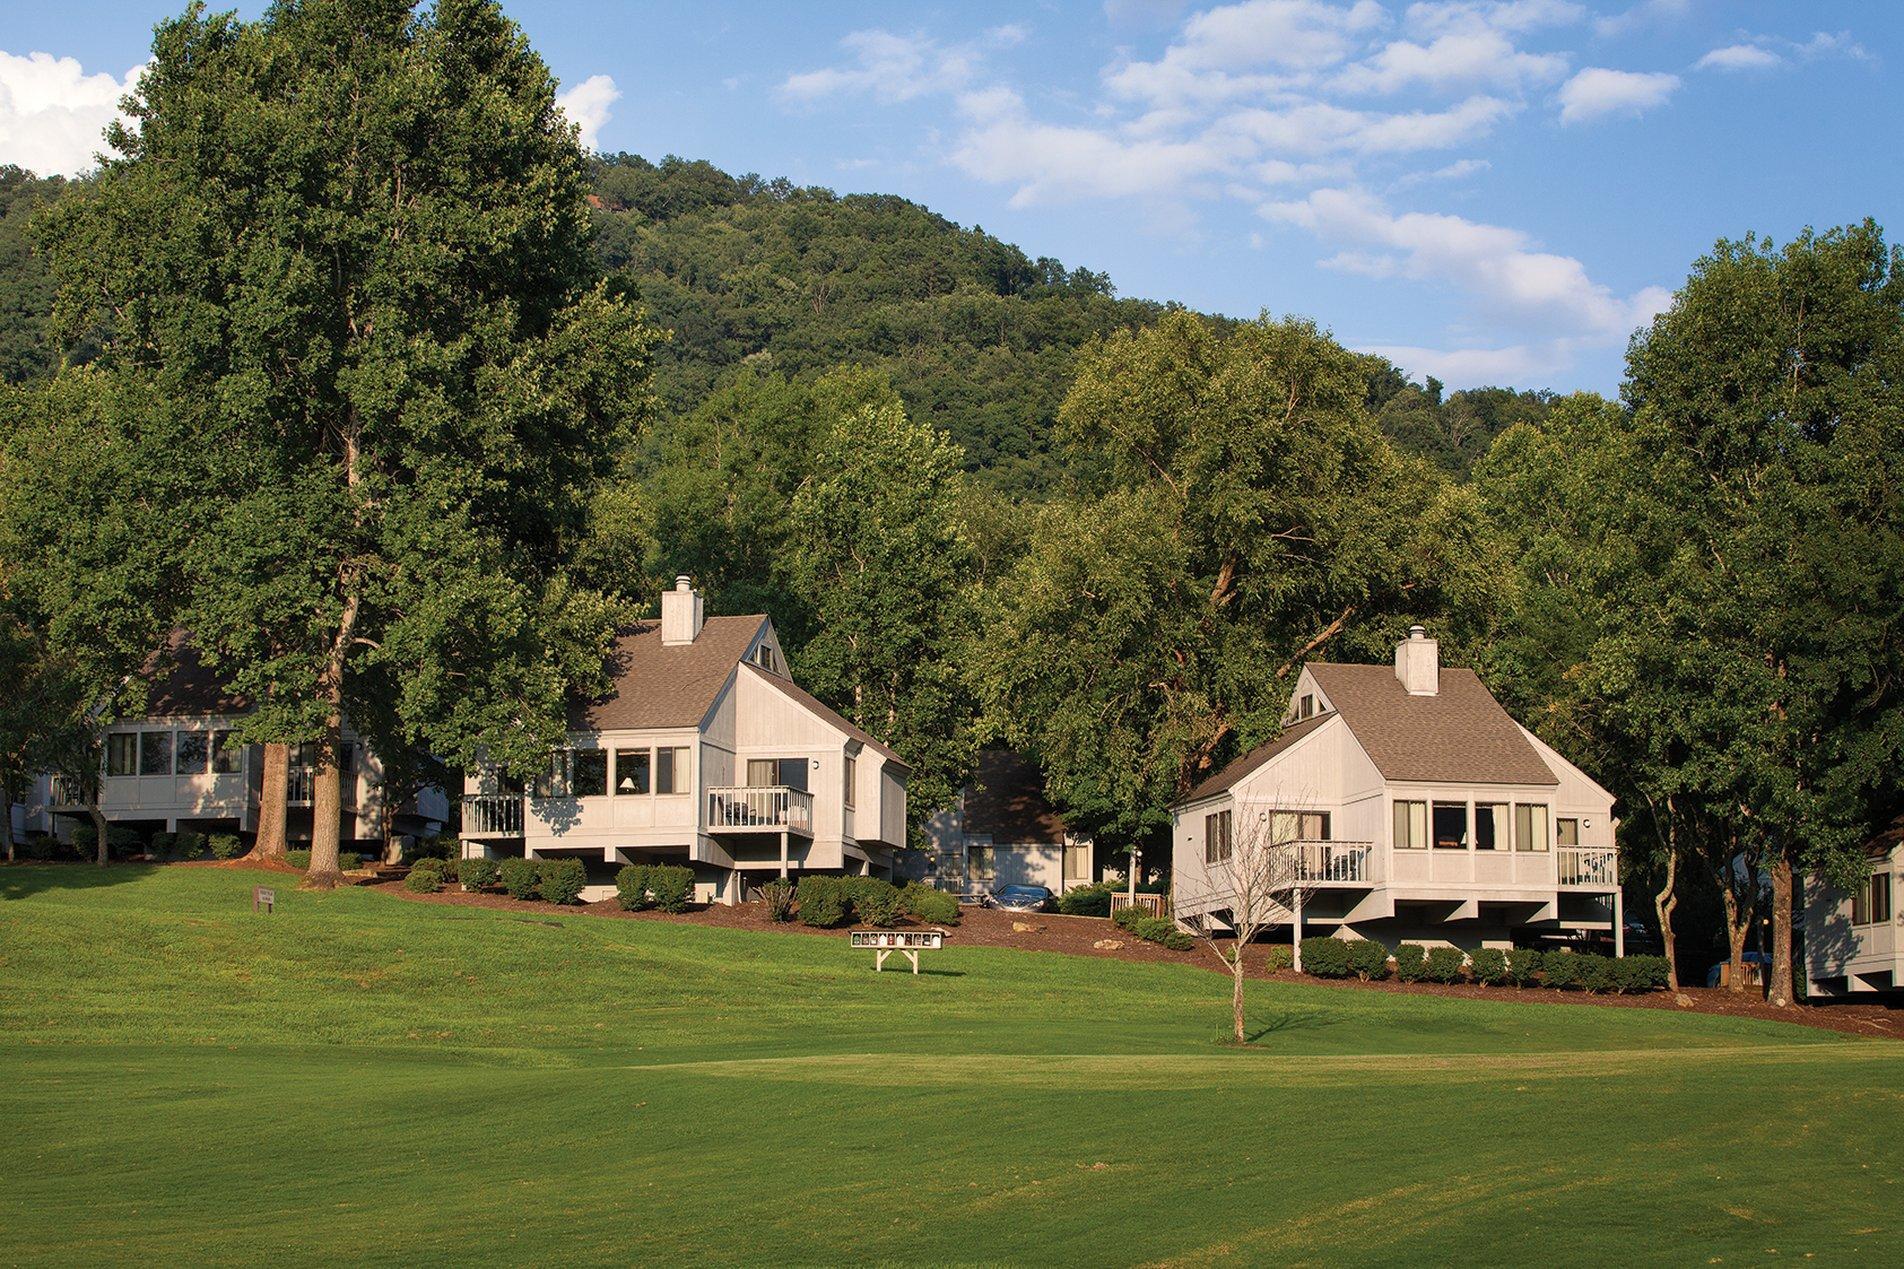 Club Wyndham Resort at Fairfield Mountains